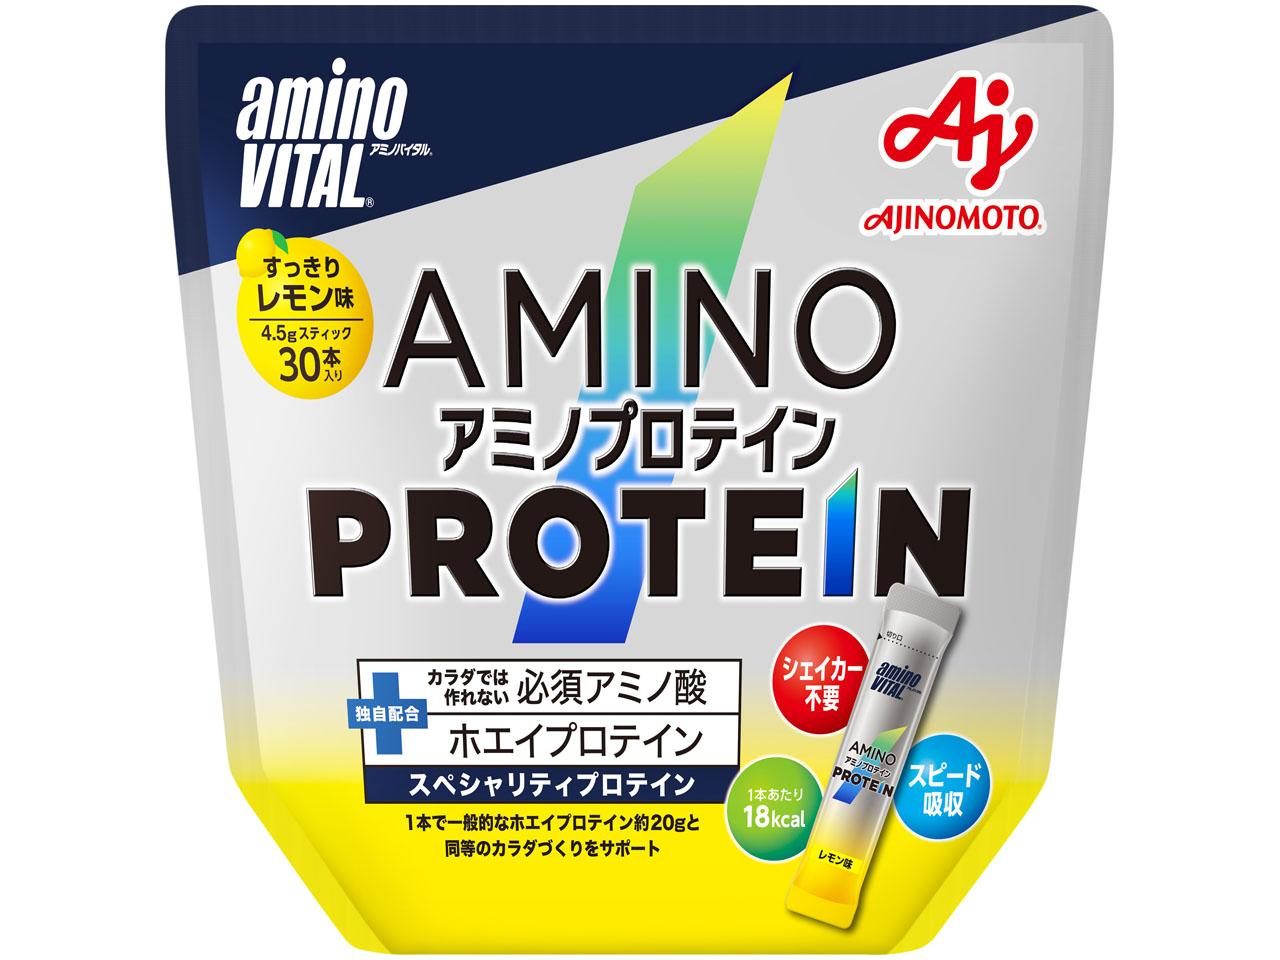 「アミノバイタル アミノプロテイン レモン味」はこんな方におすすめ!